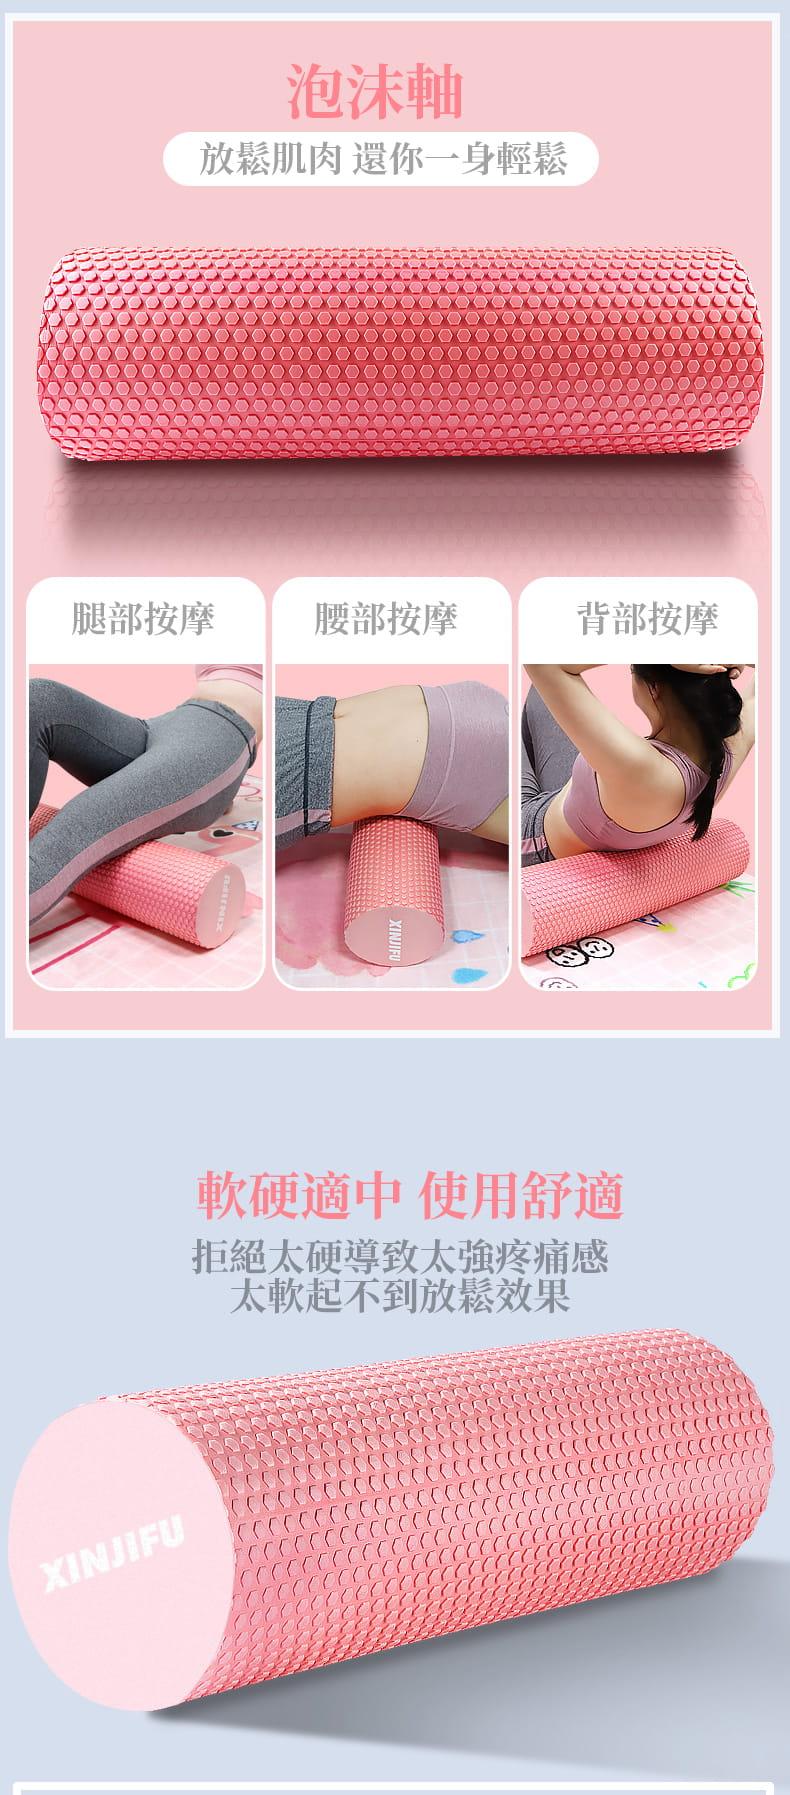 泡沫軸肌肉放松瑜伽柱瘦小腿狼牙棒按摩滾軸部健身器材瑯琊棒滾輪 7